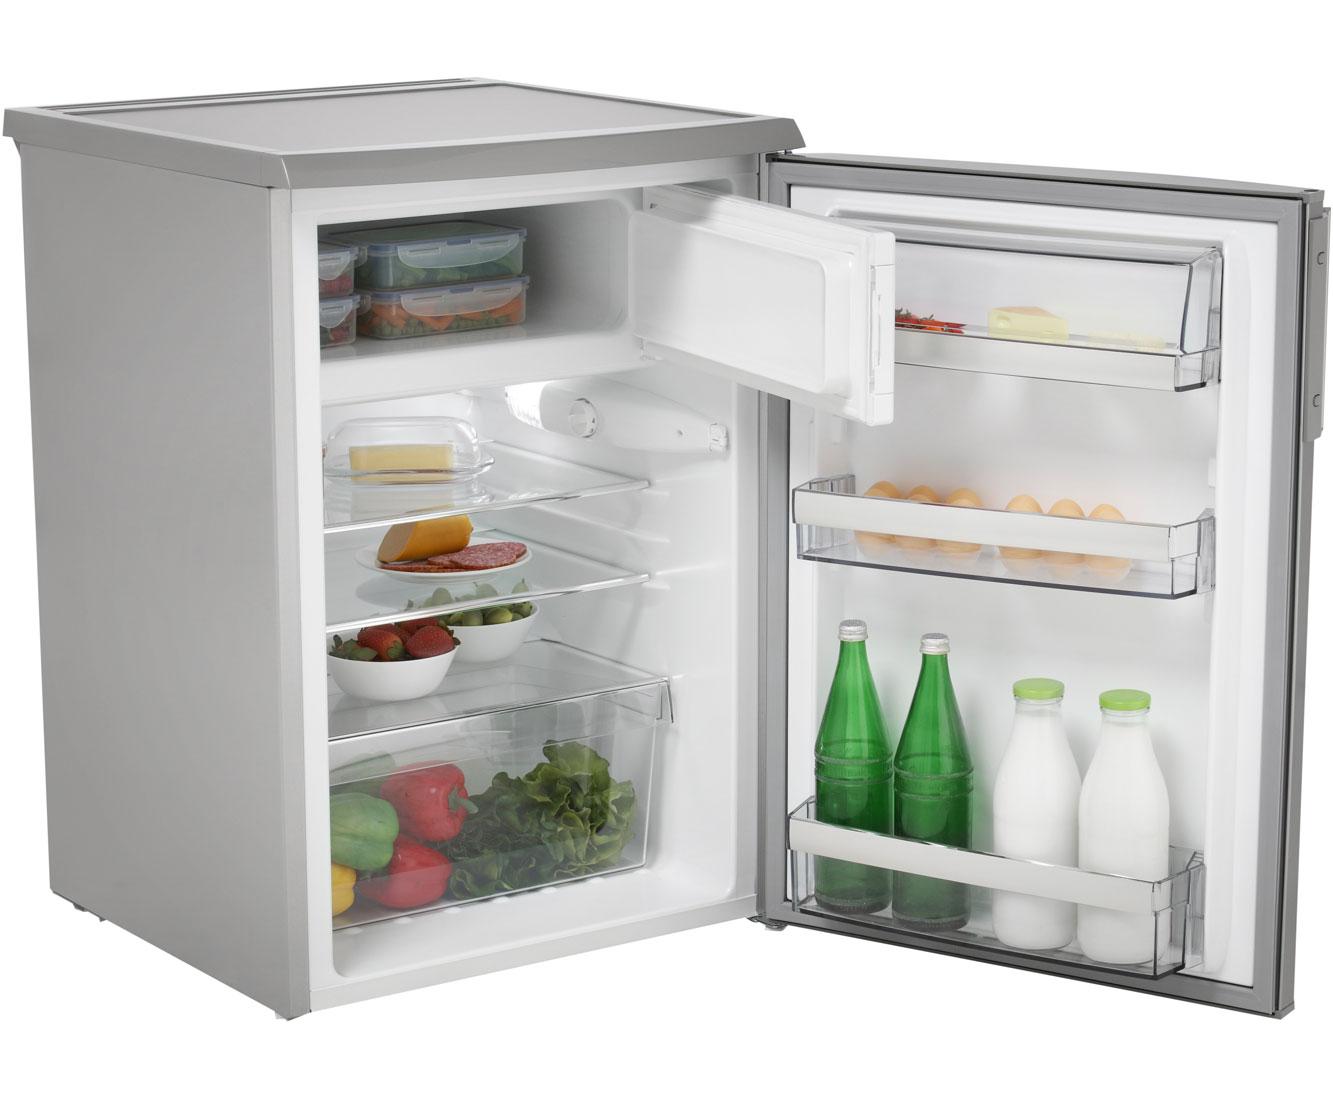 Aeg Kühlschränke Ohne Gefrierfach : Aeg santo rtb ax kühlschrank mit gefrierfach edelstahl a